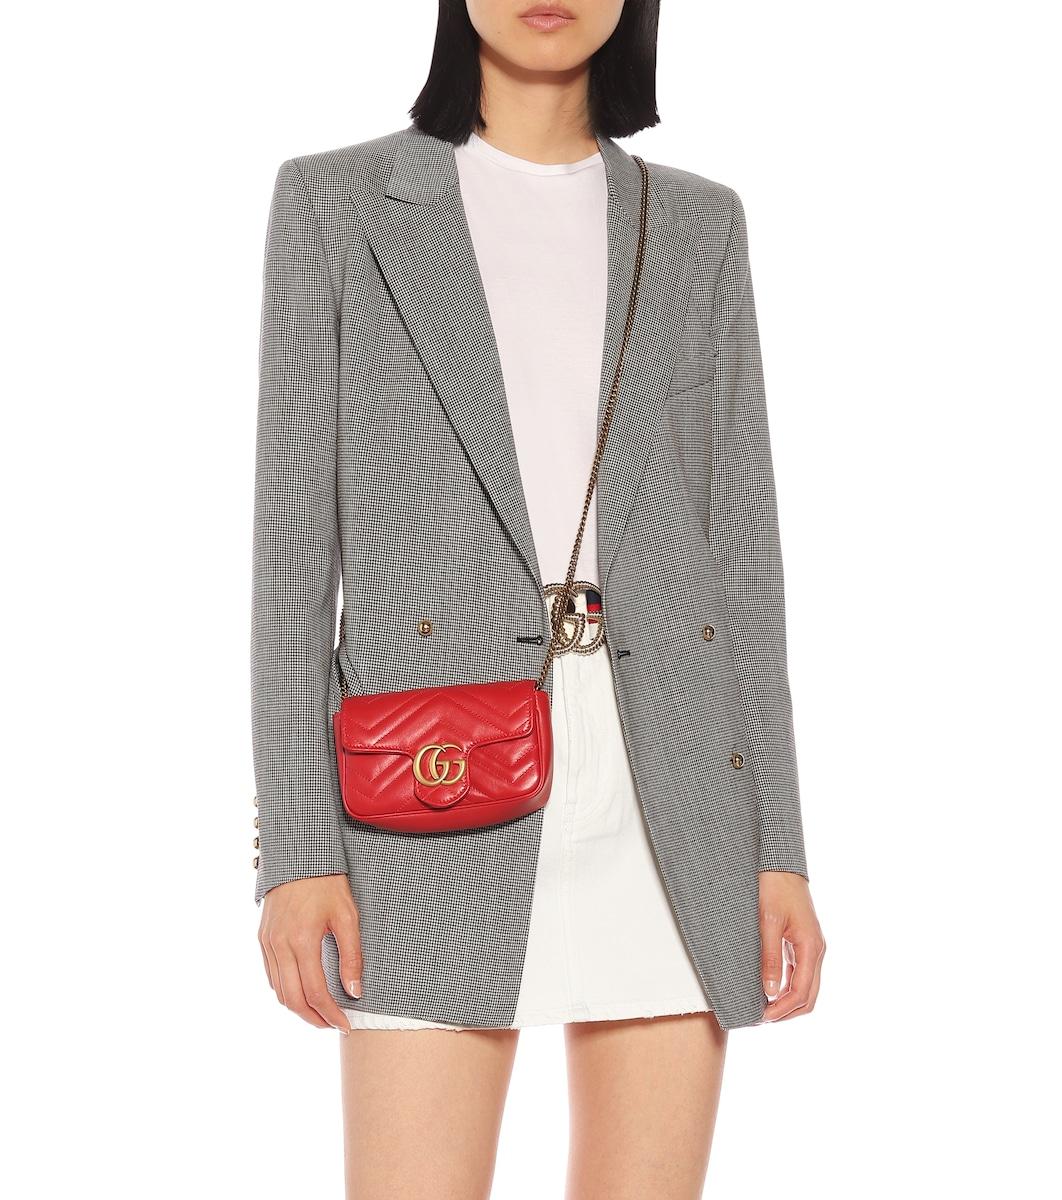 285b47bc1c034a Gg Marmont Super Mini Shoulder Bag   Gucci - mytheresa.com